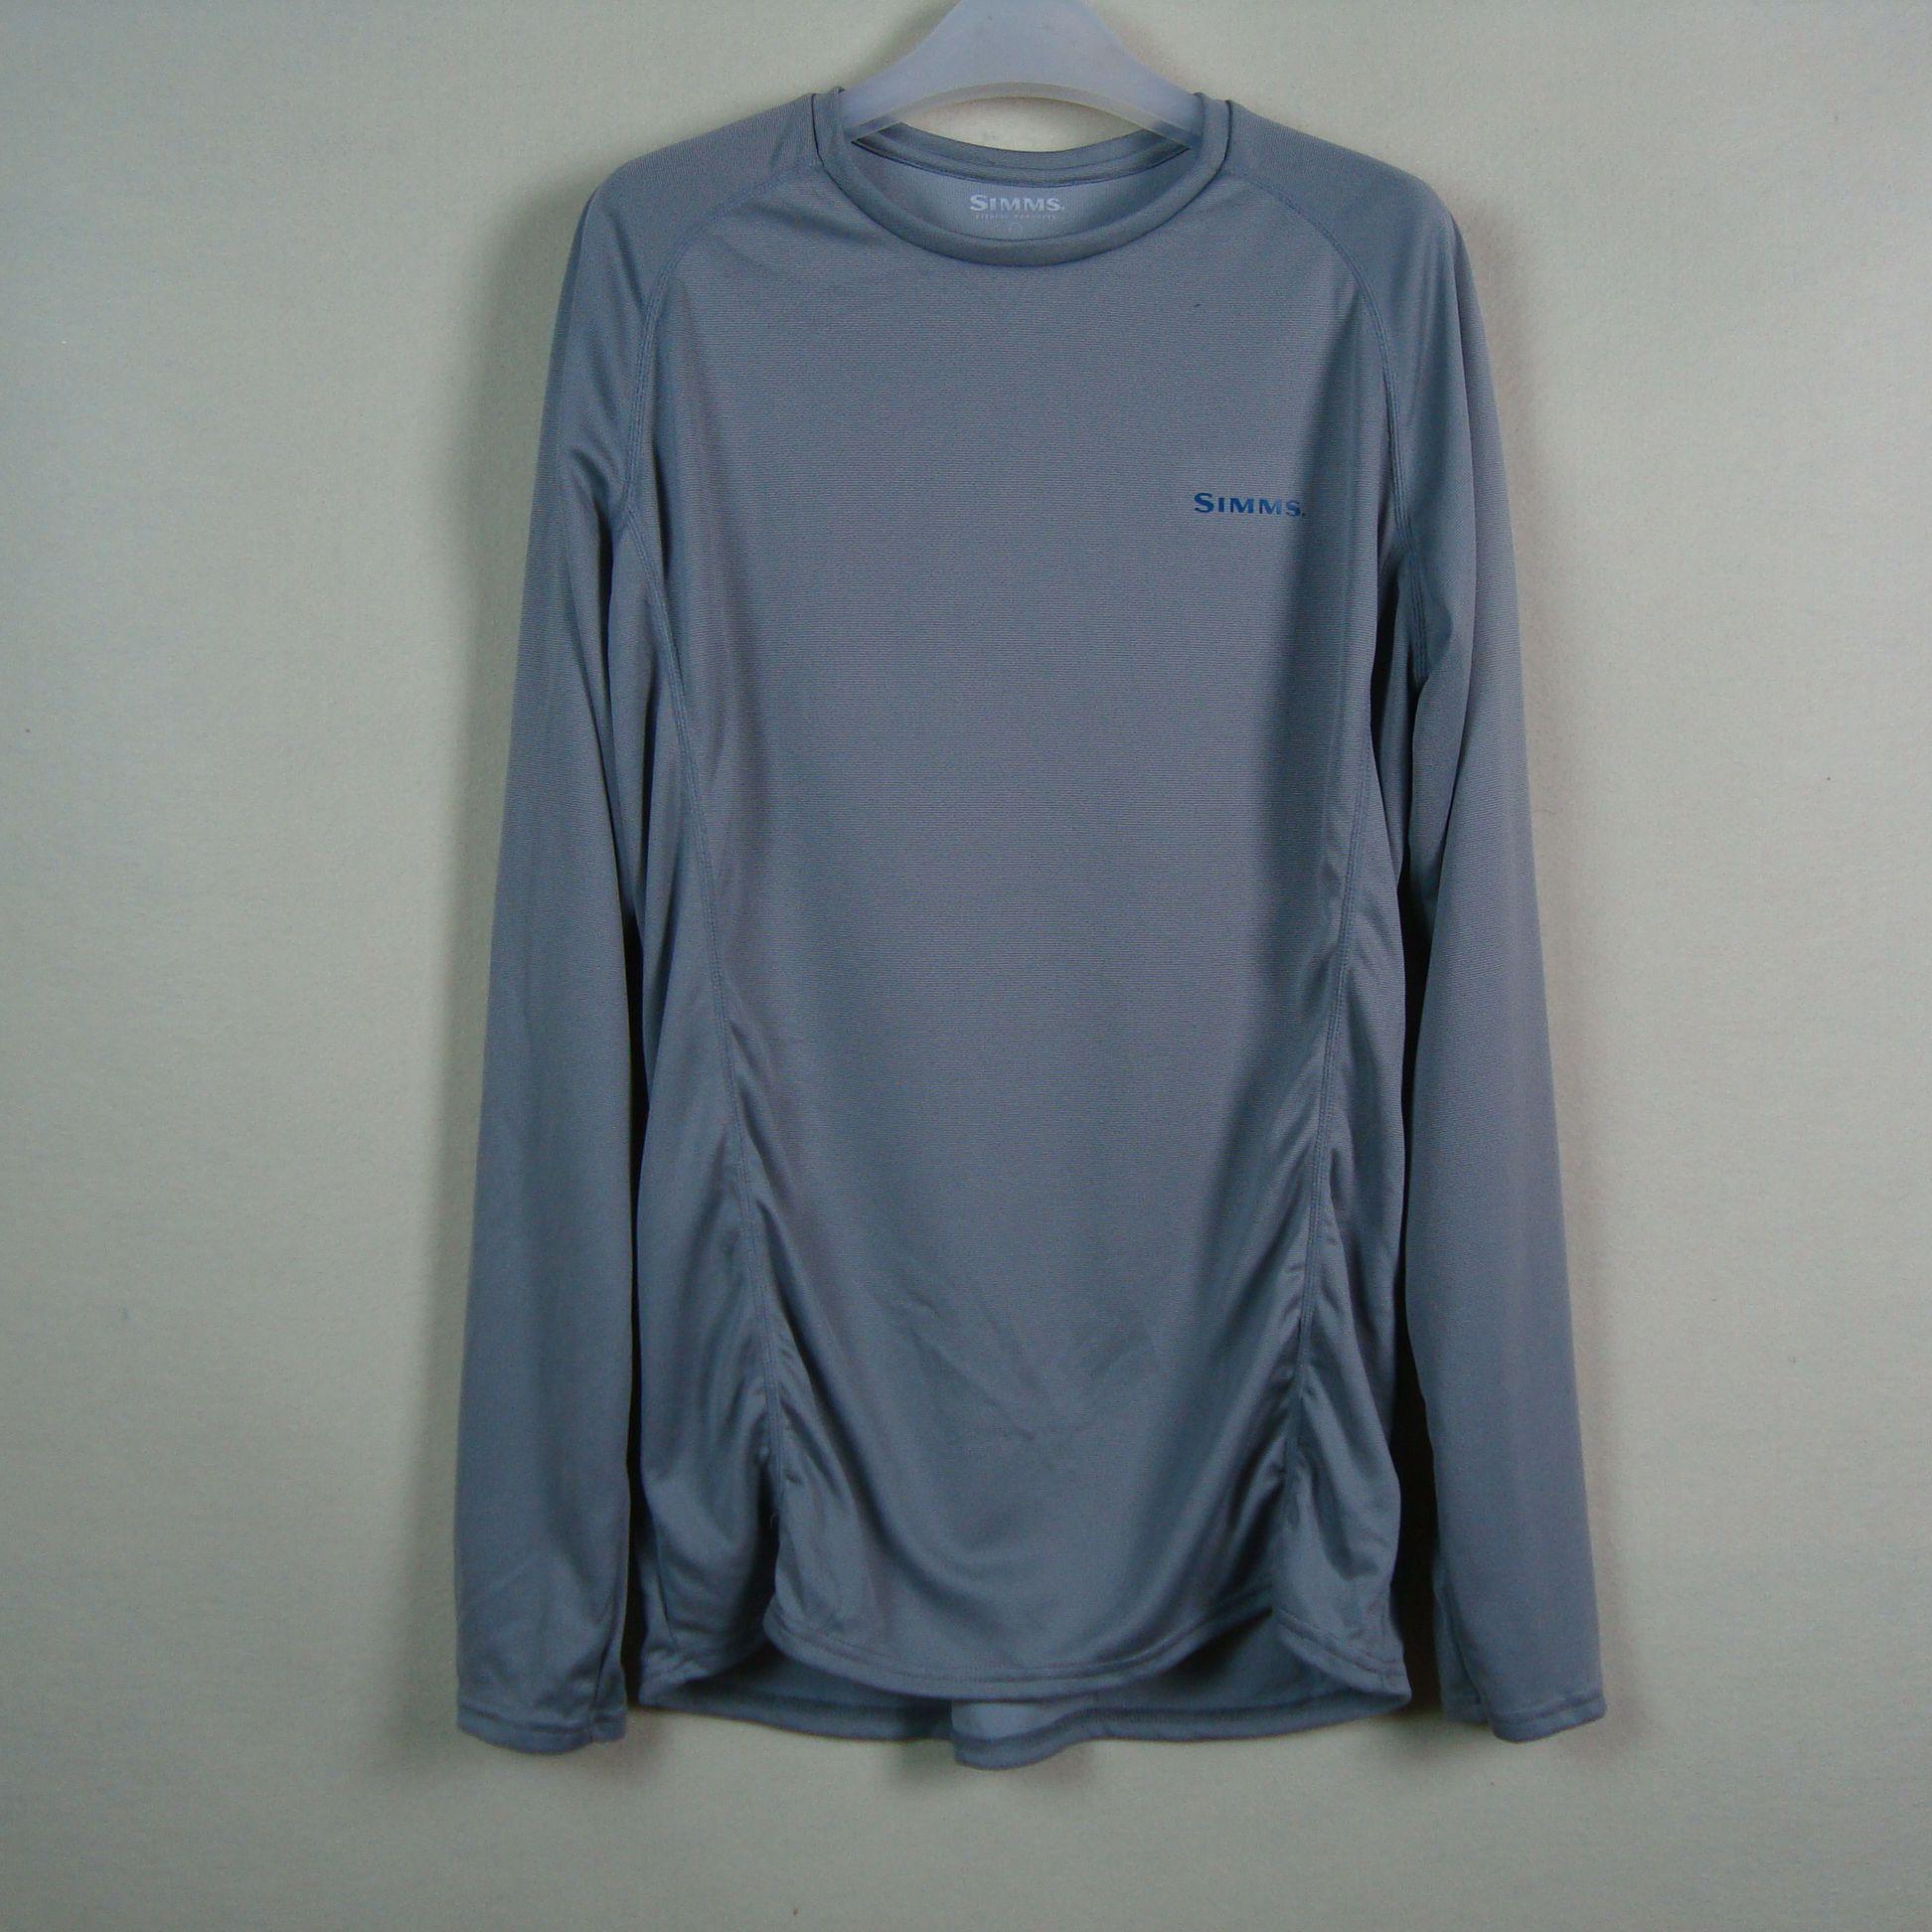 СИММС мужской открытый быстросохнущие солнцезащитный крем 50 мужчин длинный рукав футболки